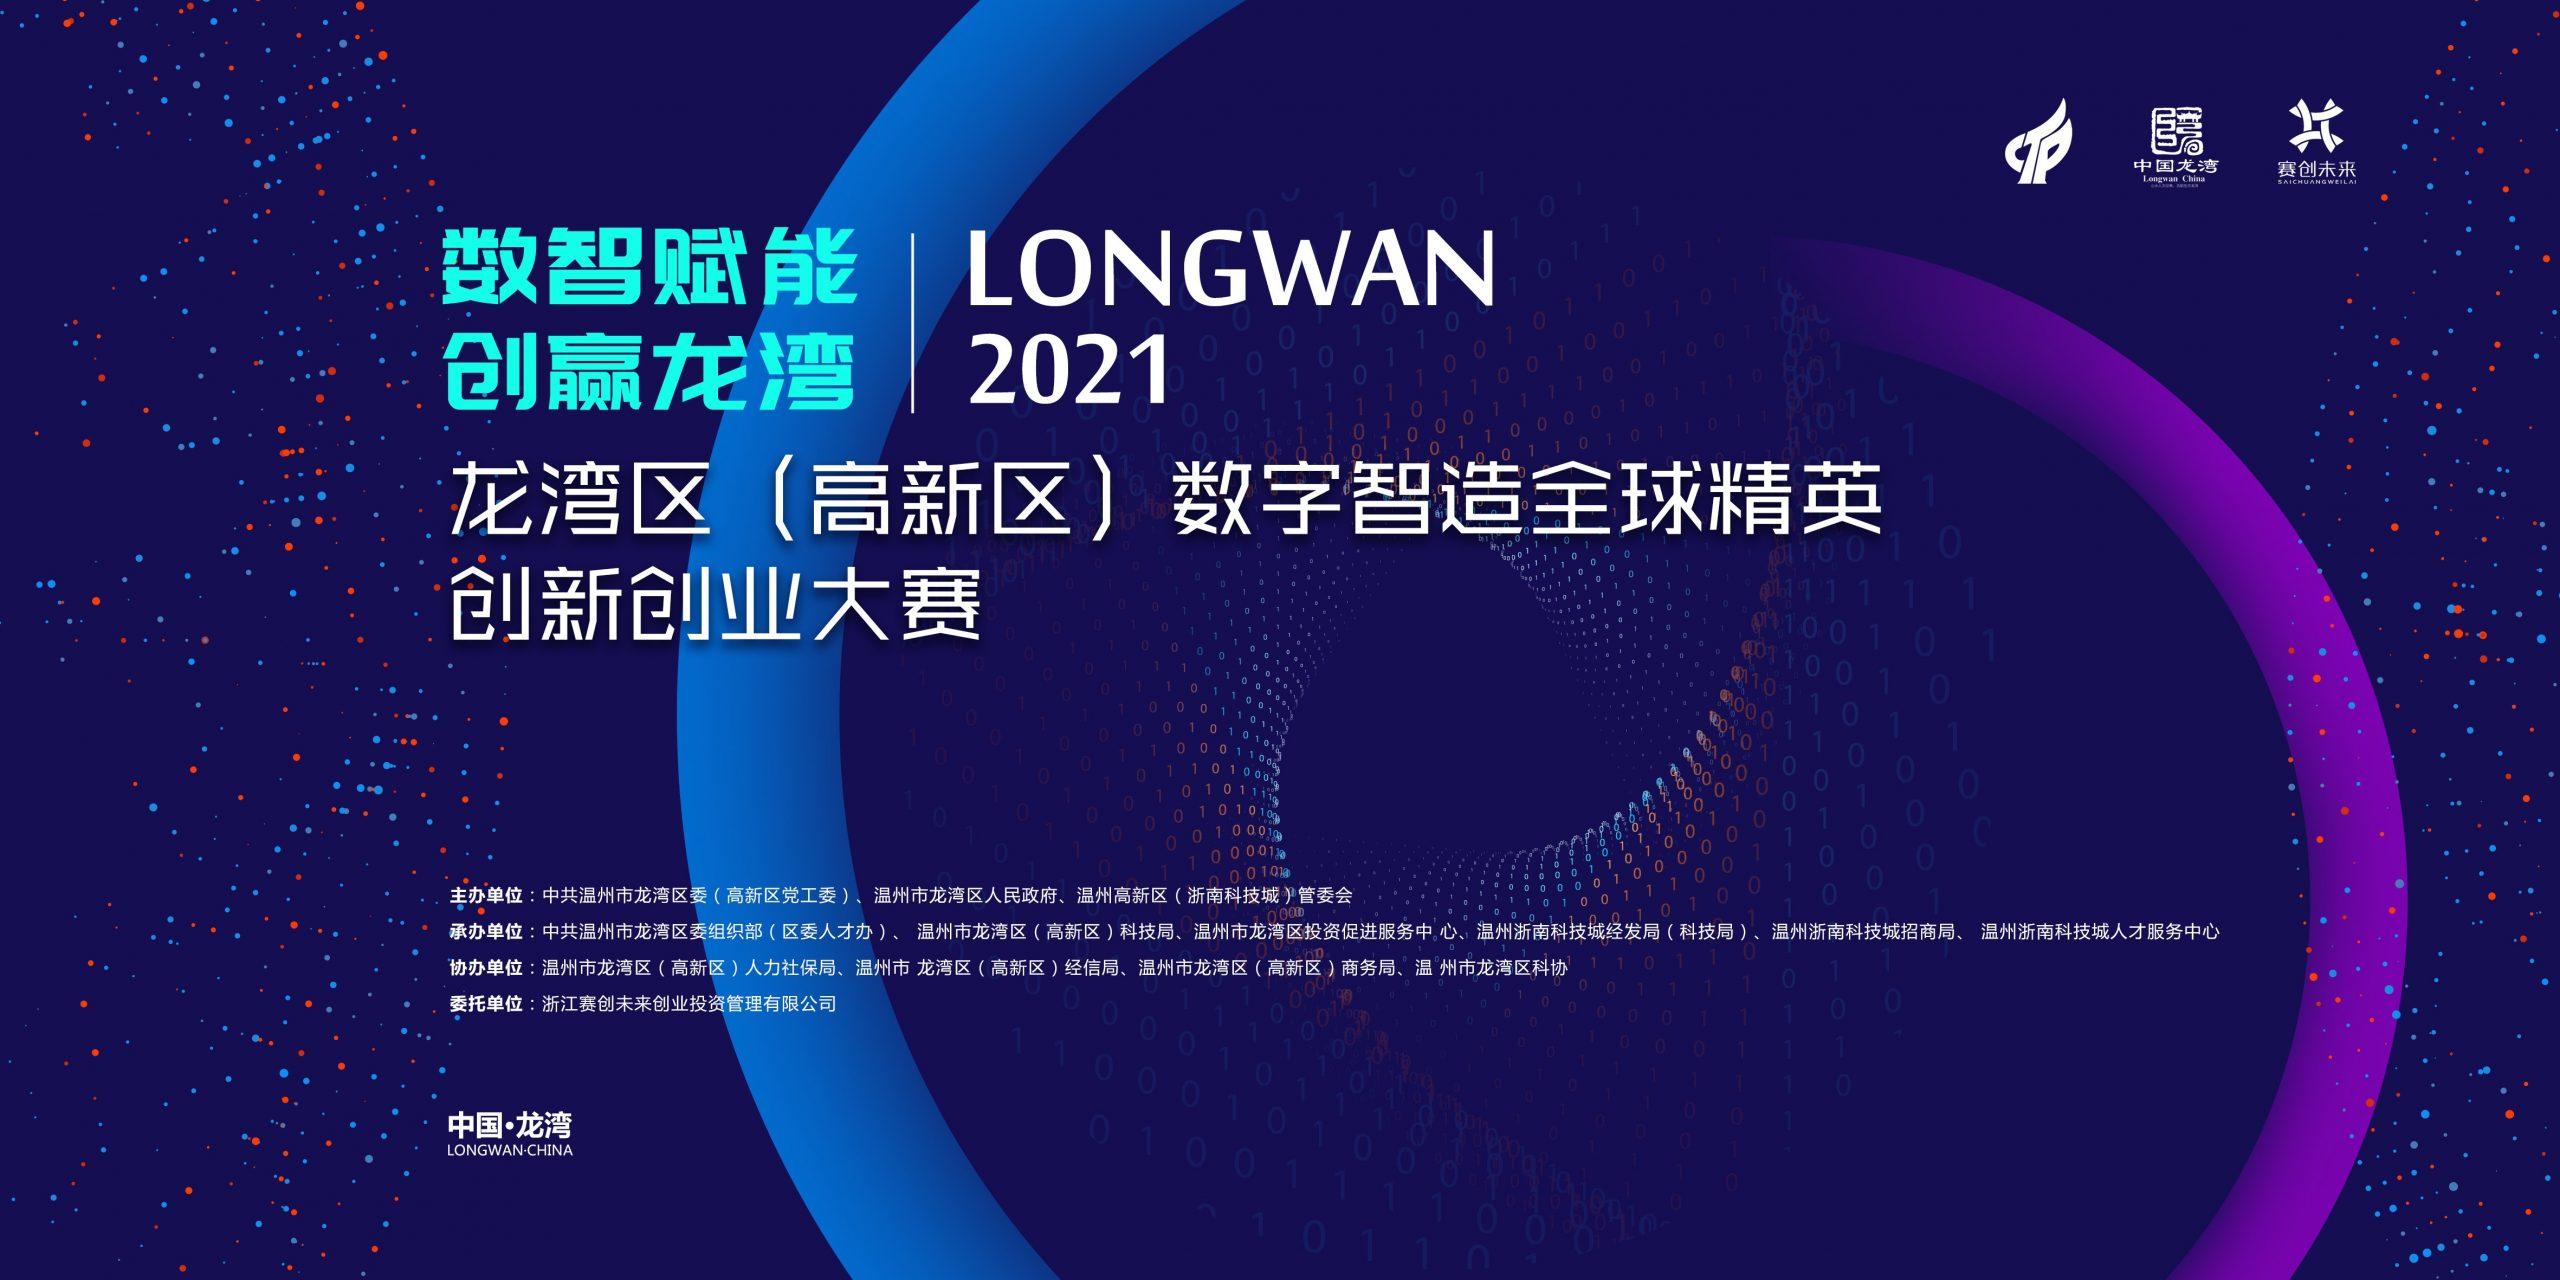 """021龙湾区(高新区)数字智造全球精英创新创业大赛正式启动"""""""